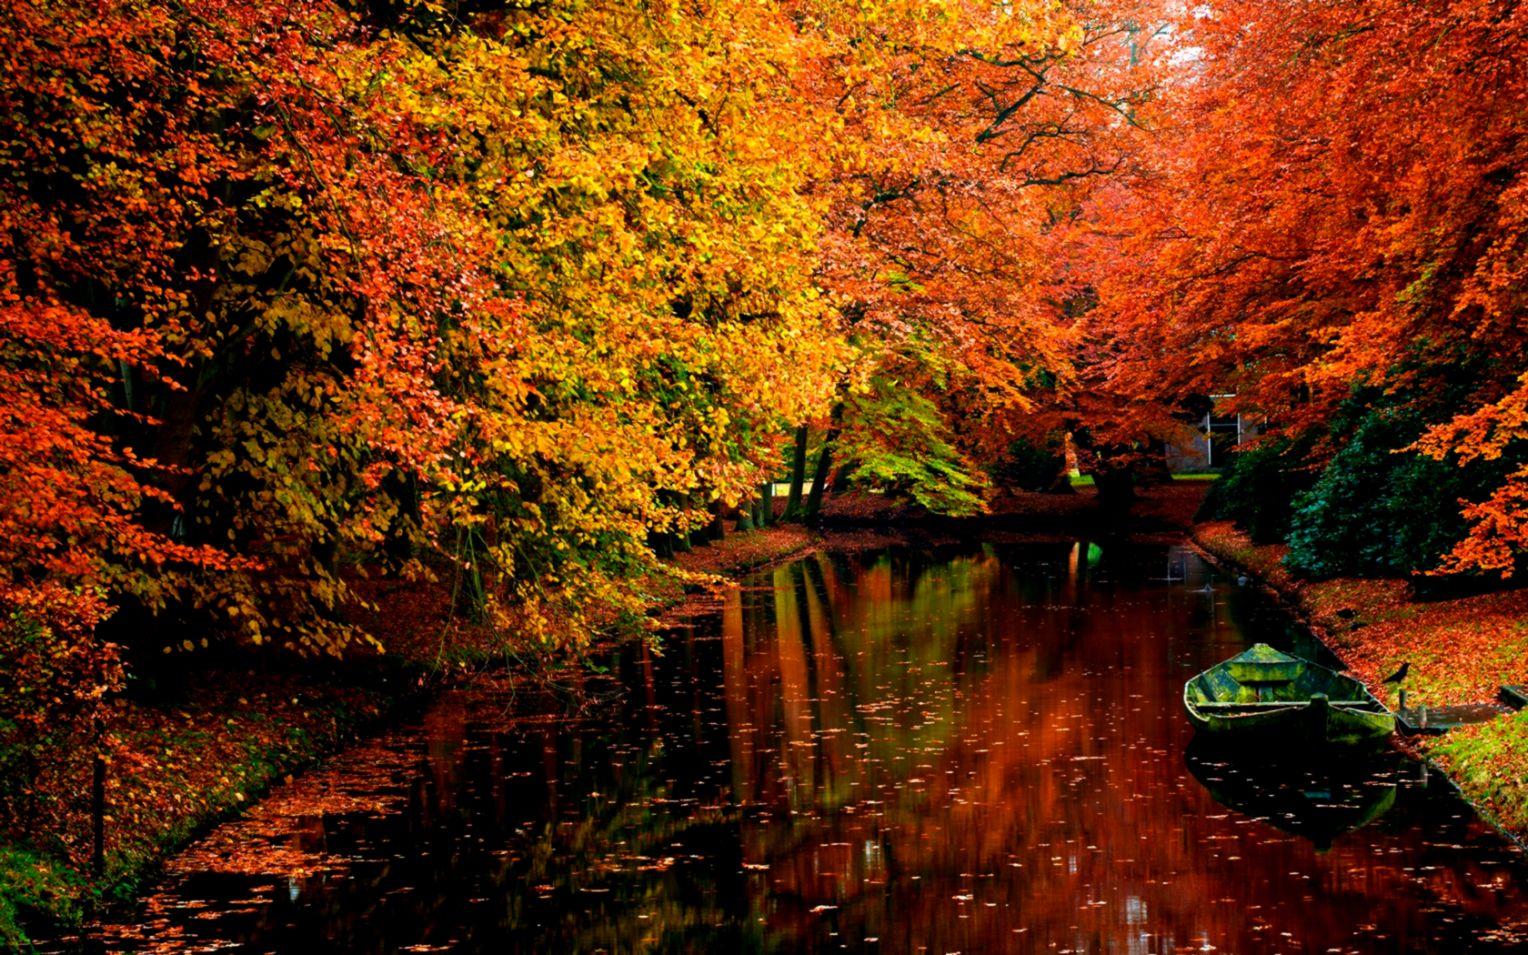 Free Download Autumn Desktop Wallpaper Windows 7 Genius Wallpapers